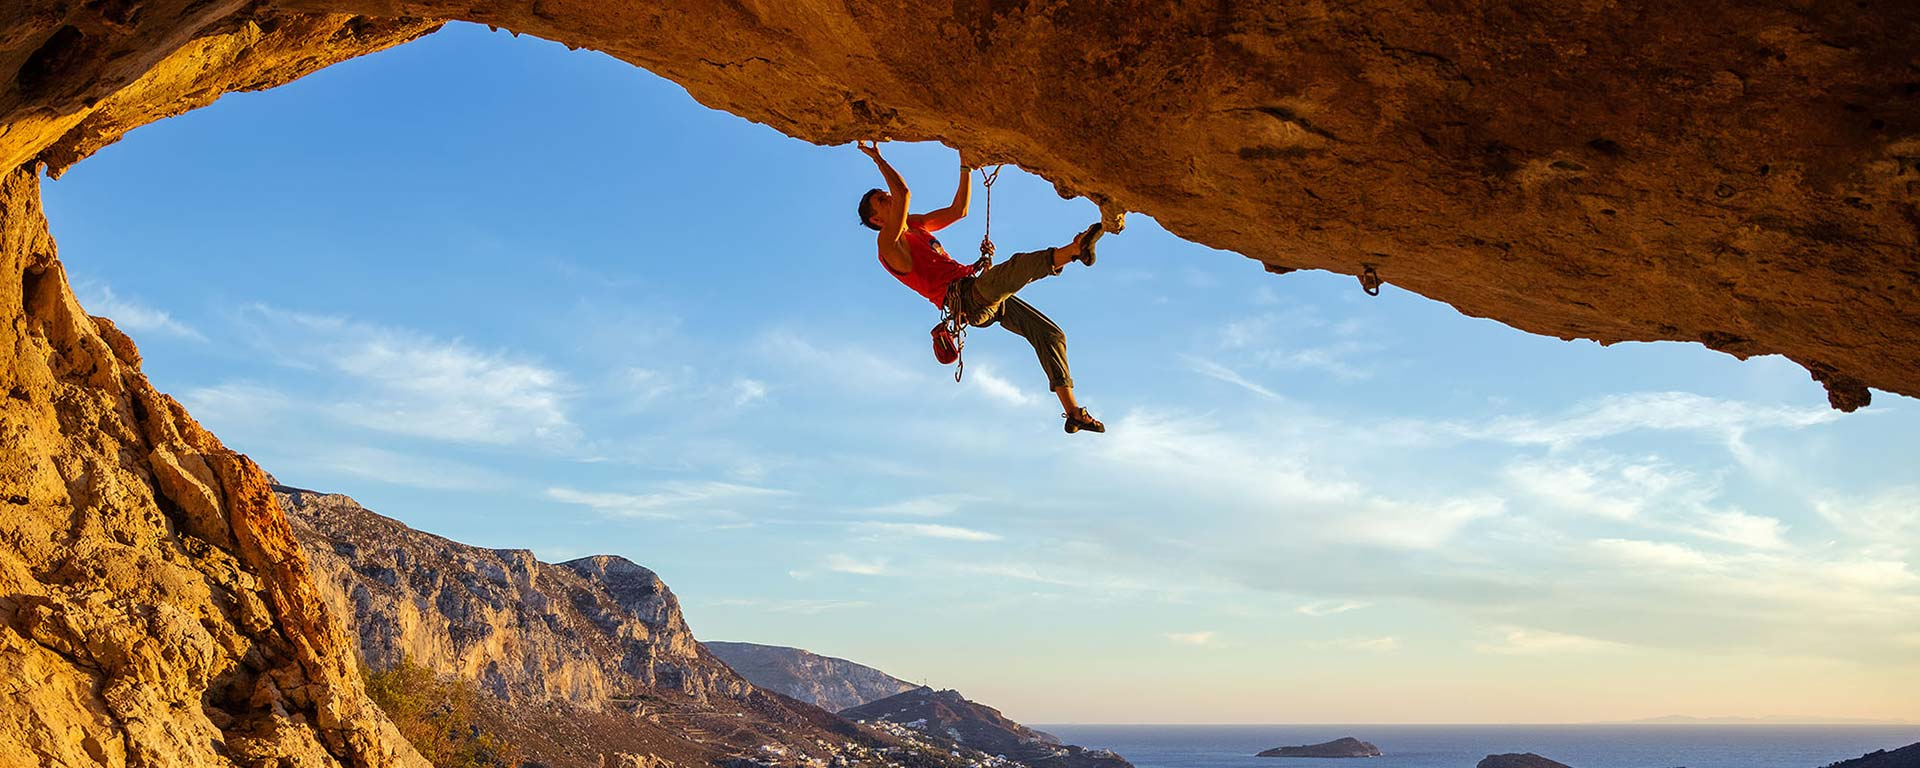 Felskletterer hängt gesichert am Felsen